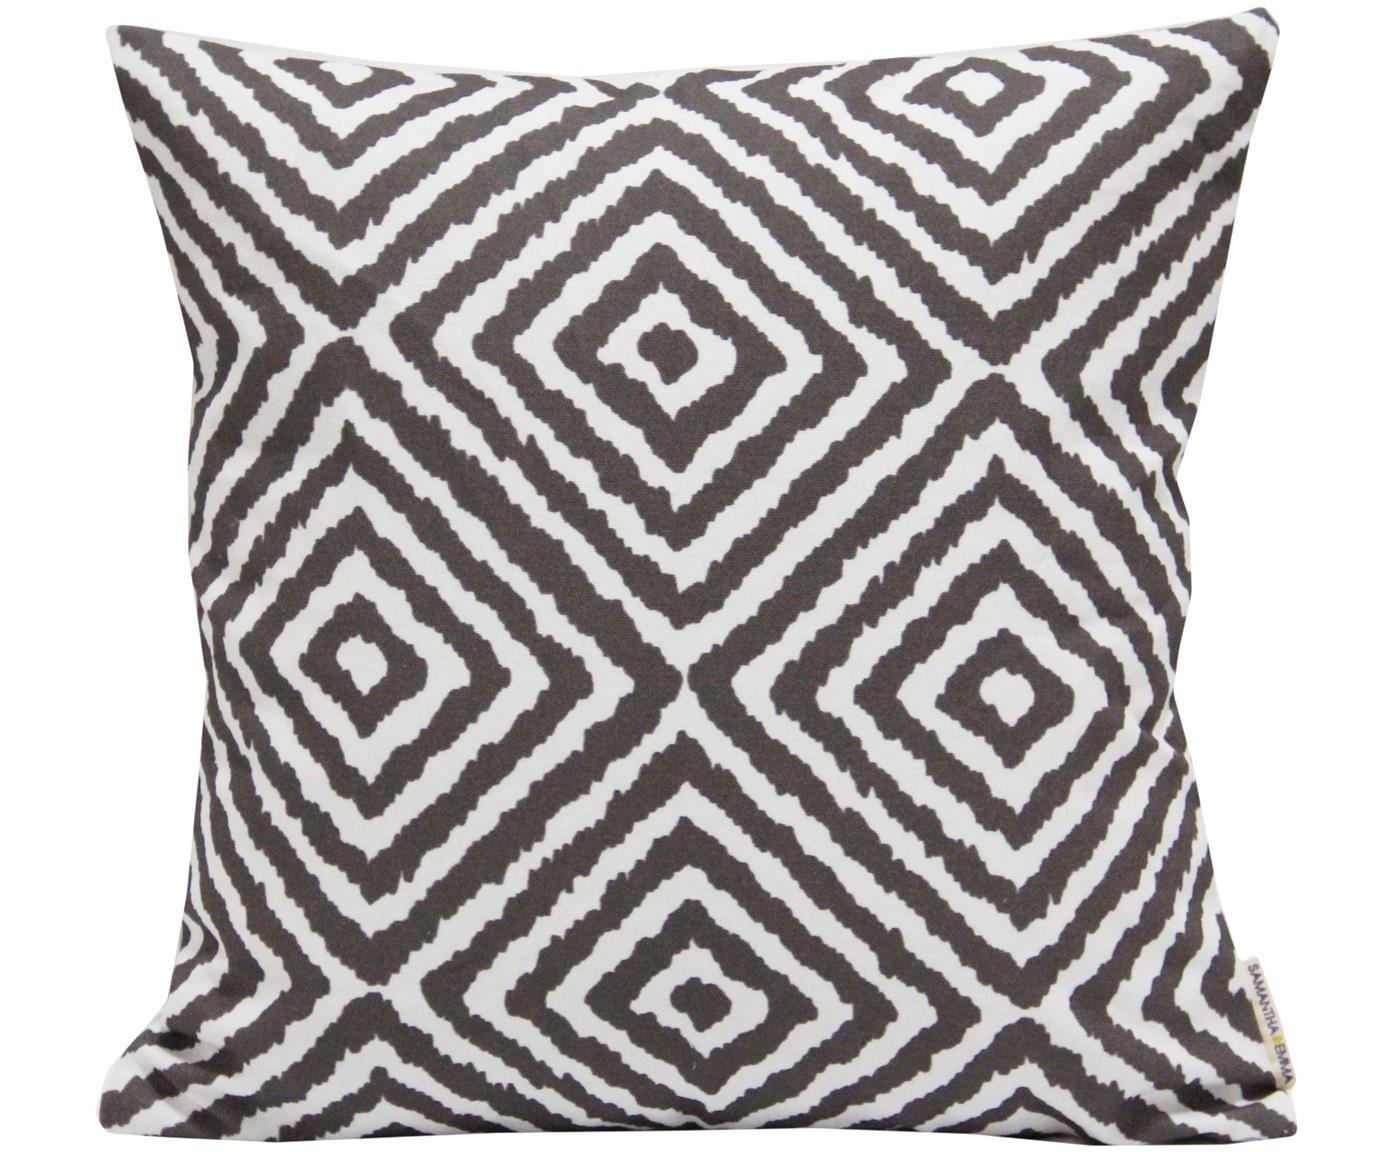 Poszewka na poduszkę Henry, Bawełna, Biały, czarny, S 45 x D 45 cm